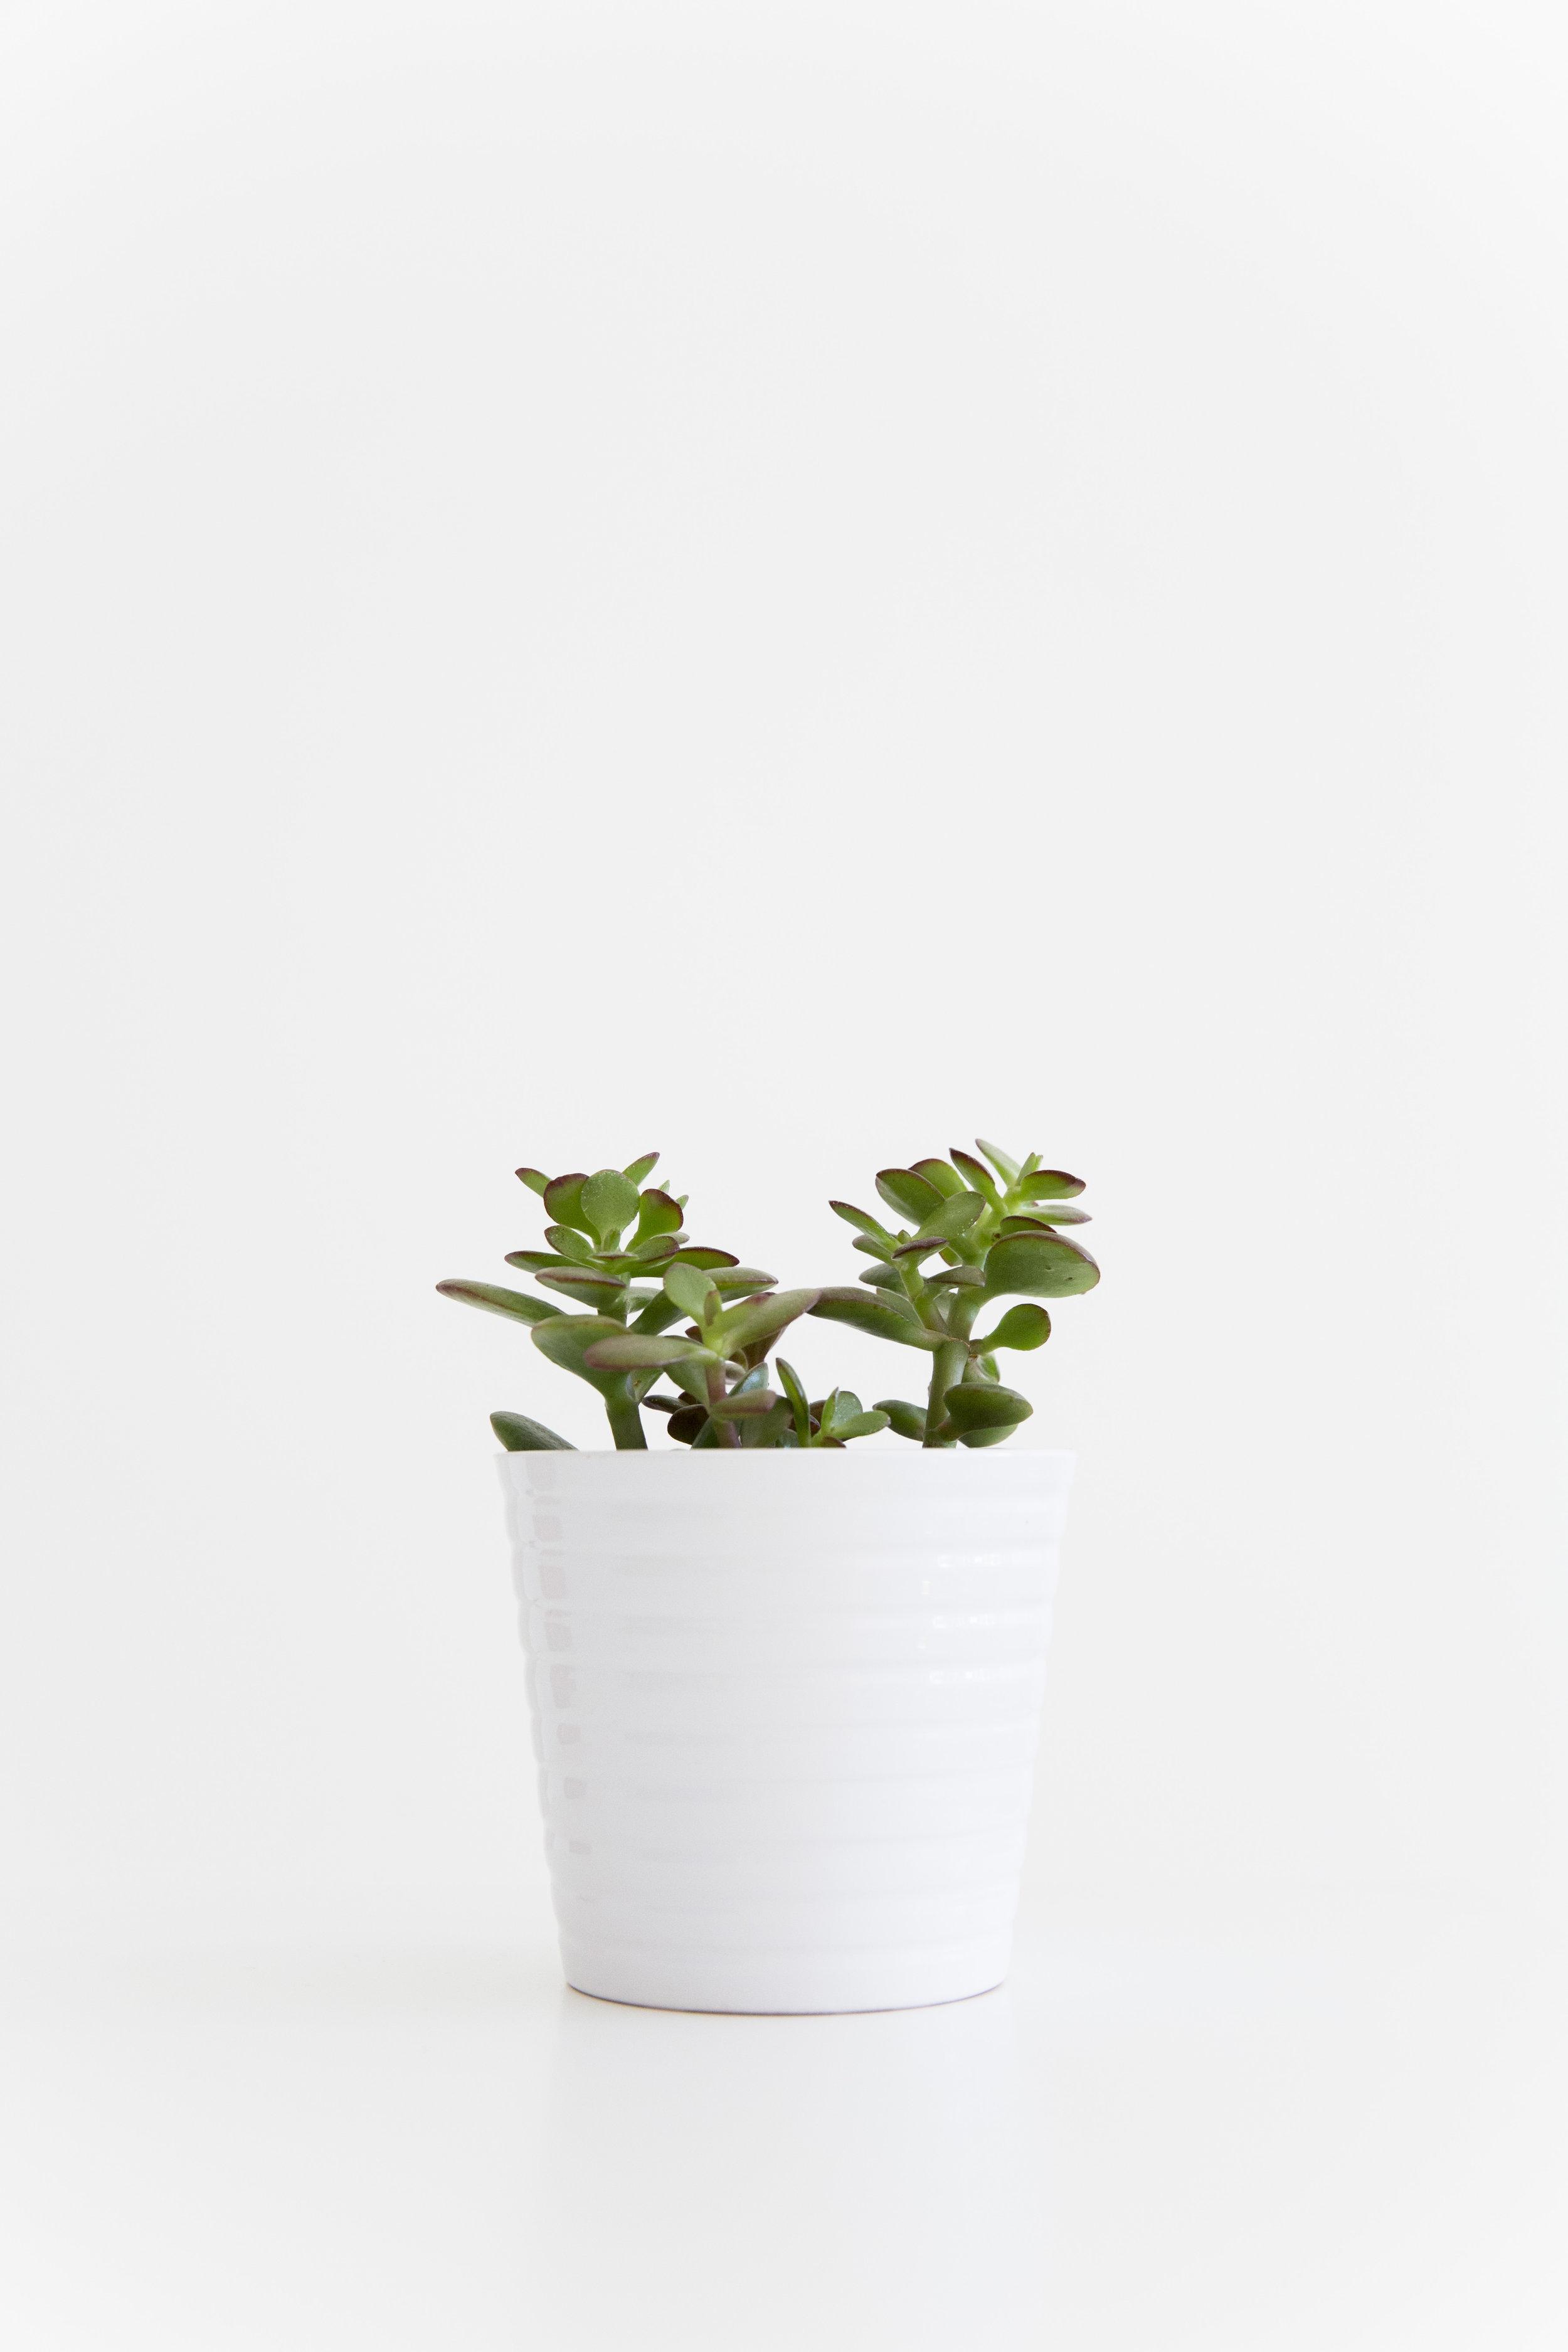 grønne planter_7.jpg